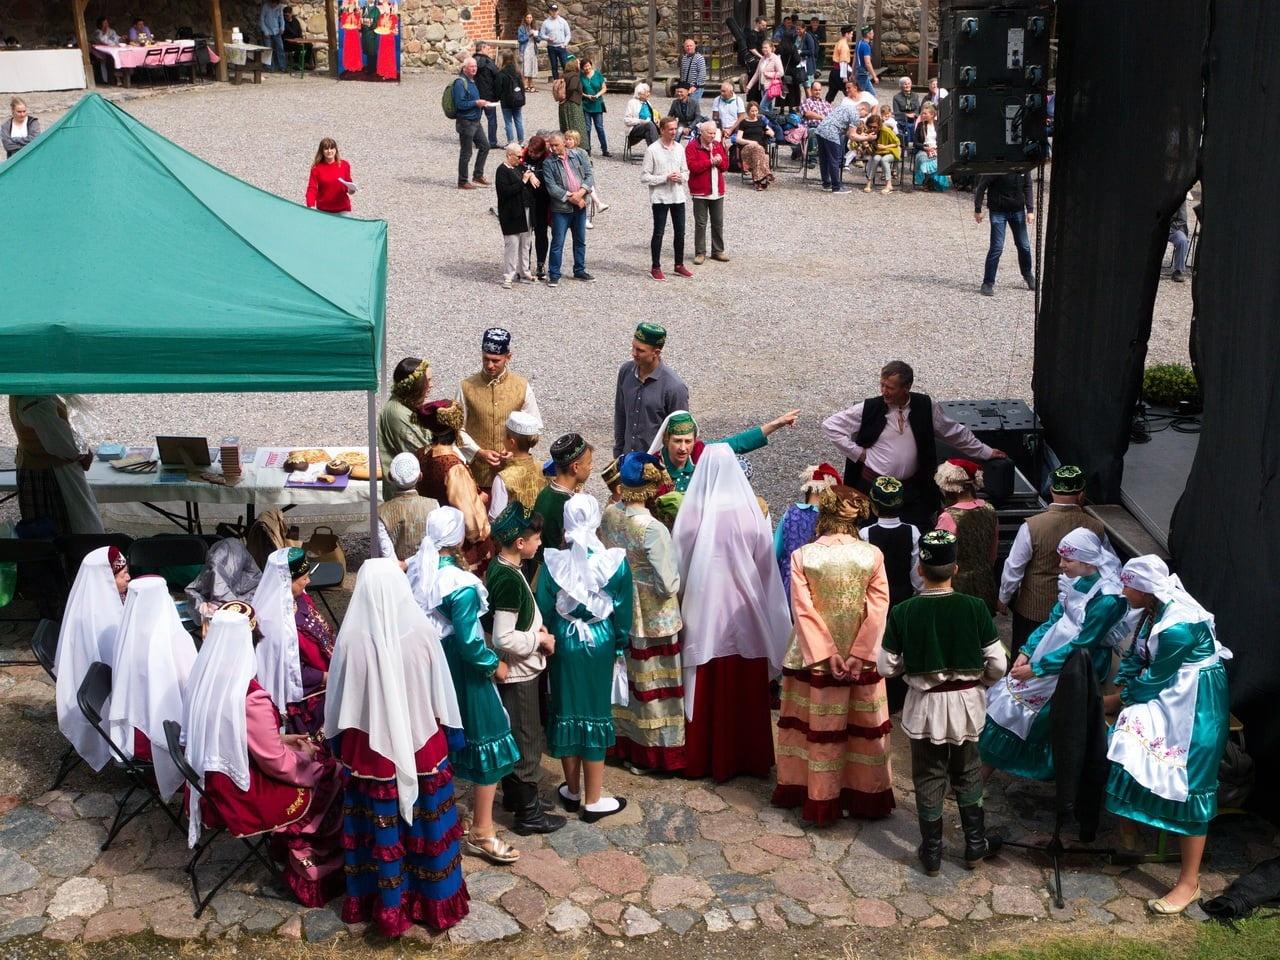 """Trakų Salos pilyje nuskambėjo tautinių bendrijų festivalis """"Čia mūsų gimtinė, čia mūsų namai"""""""